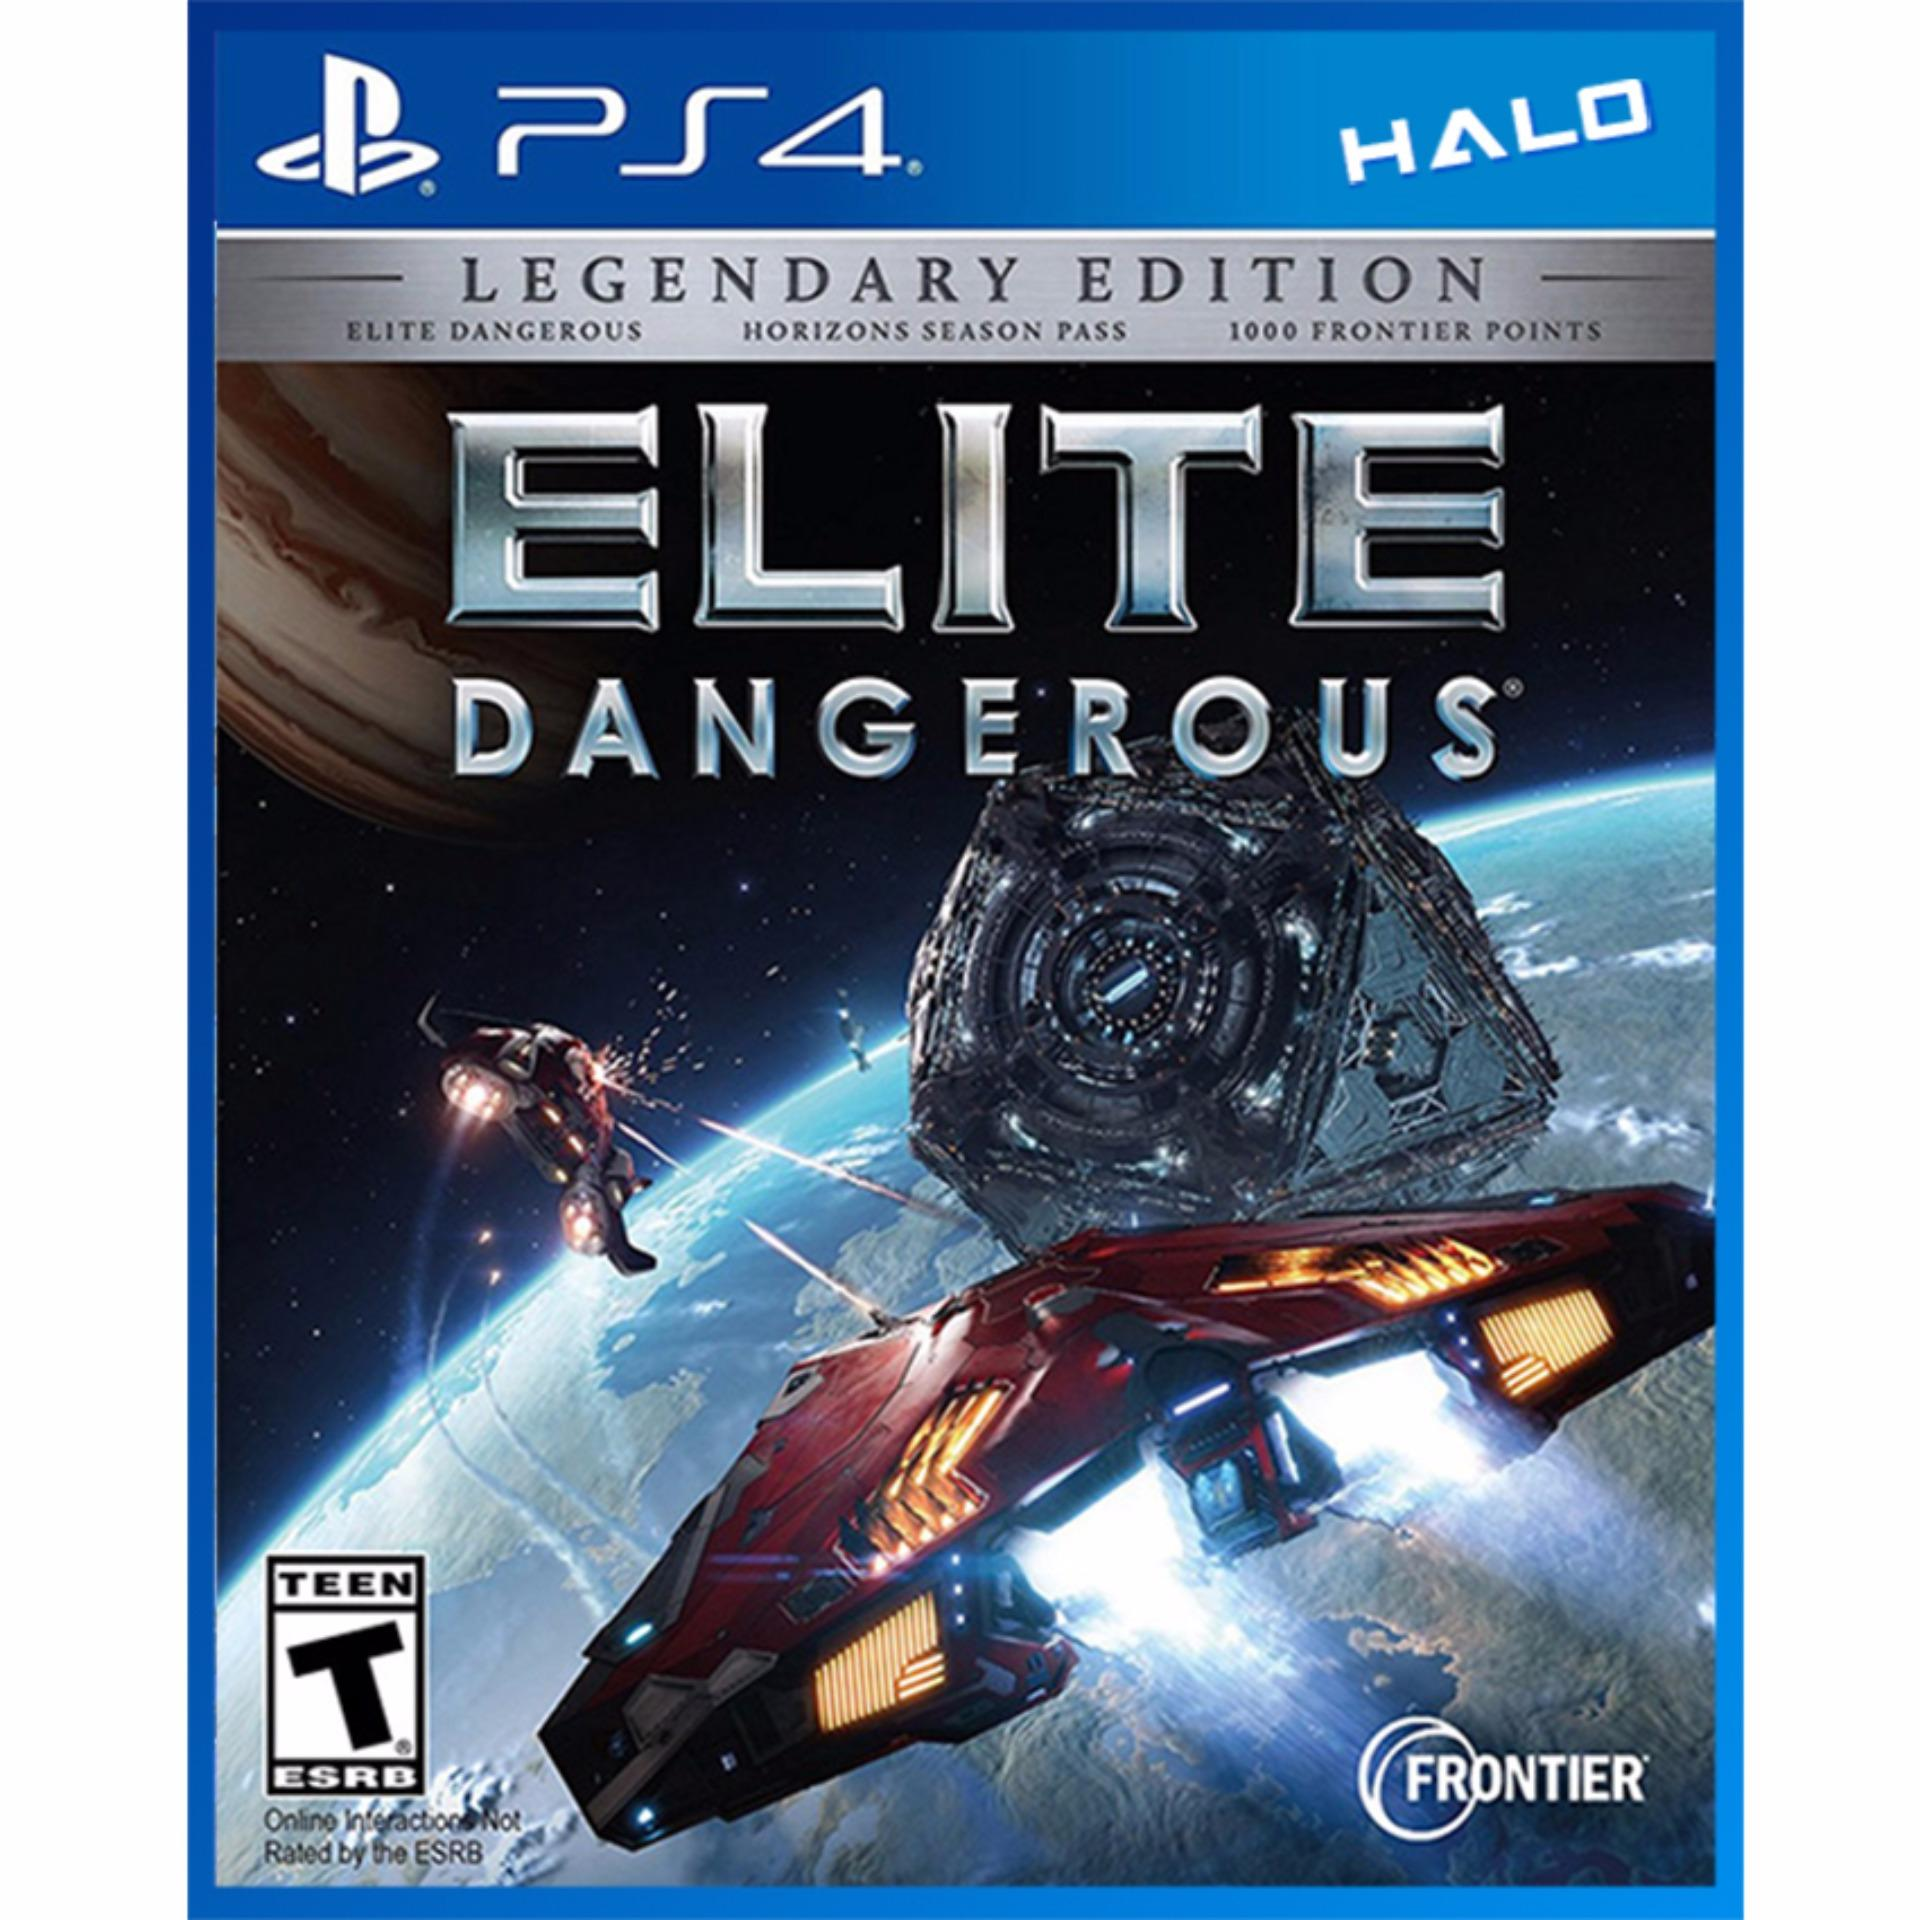 Đĩa Game Ps4 Elite Dangerous: The Legendary Edition